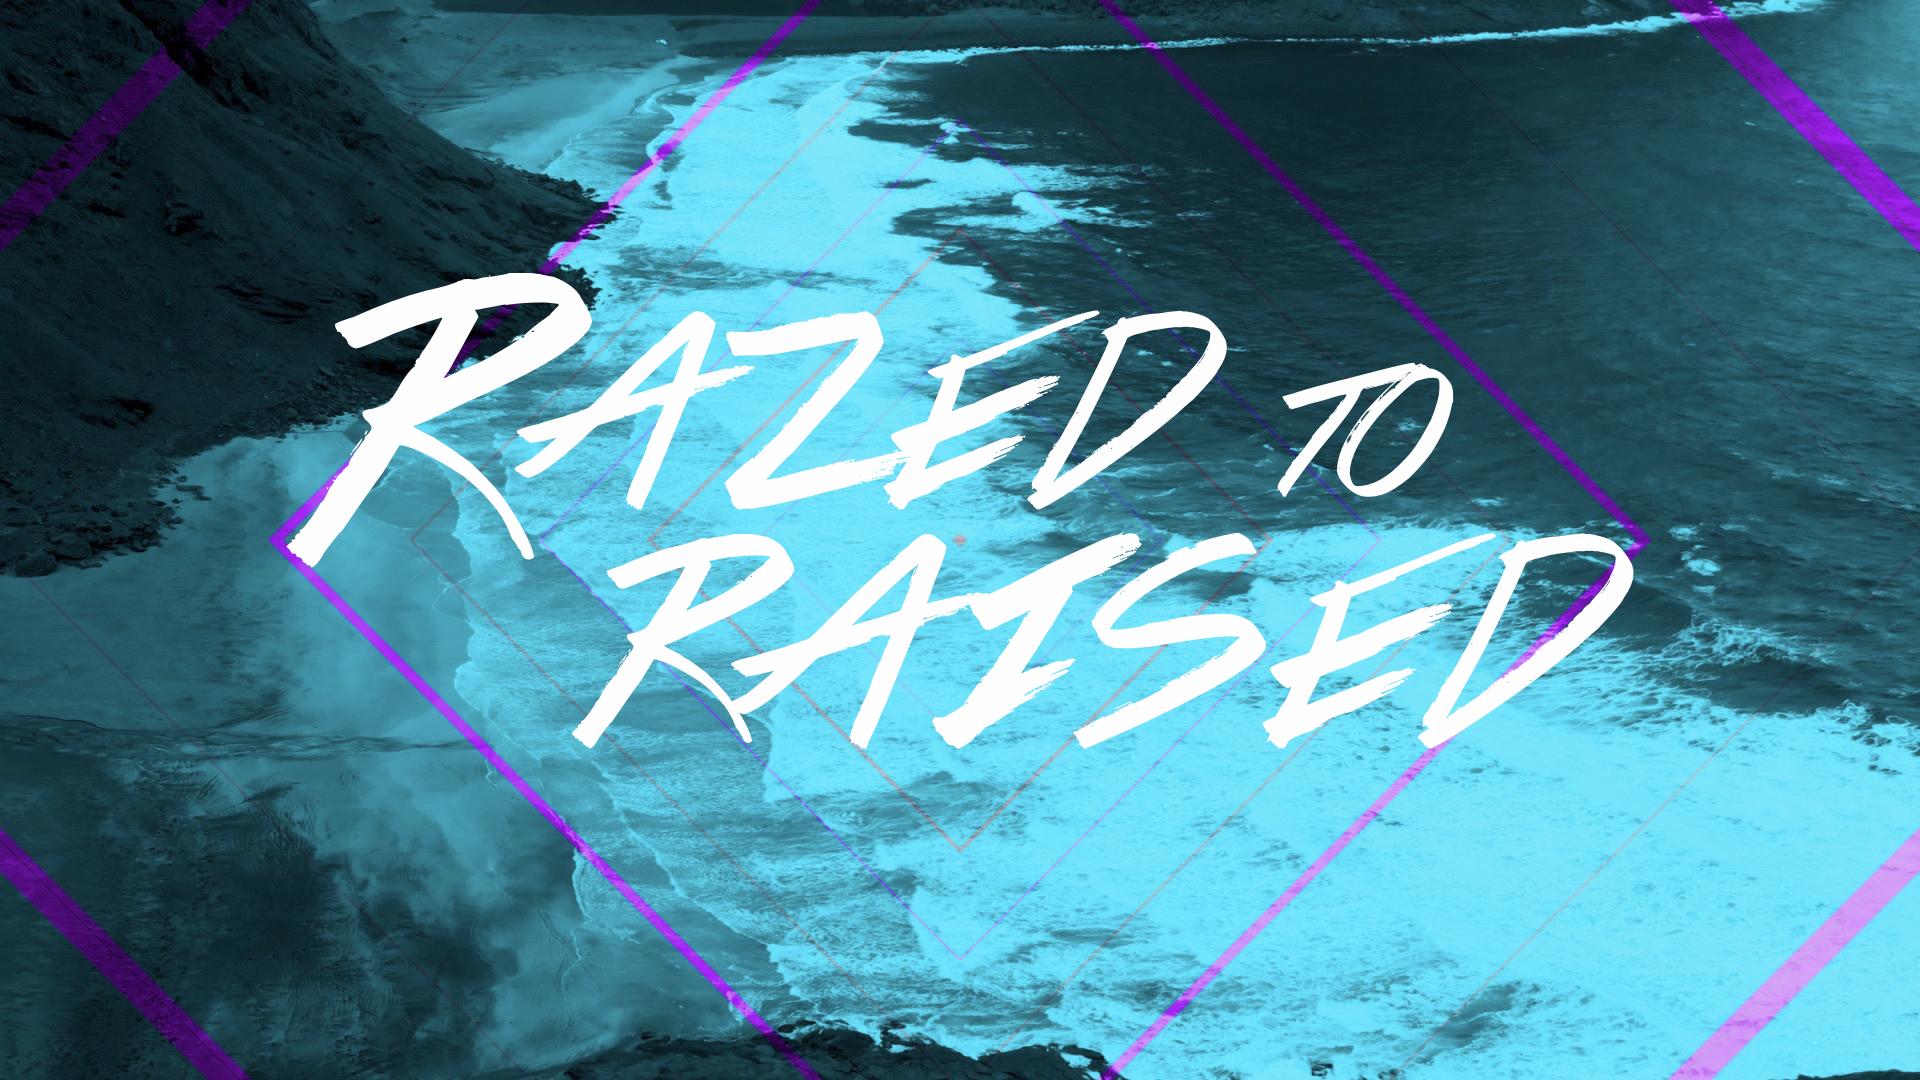 Razed_raised.011.jpeg